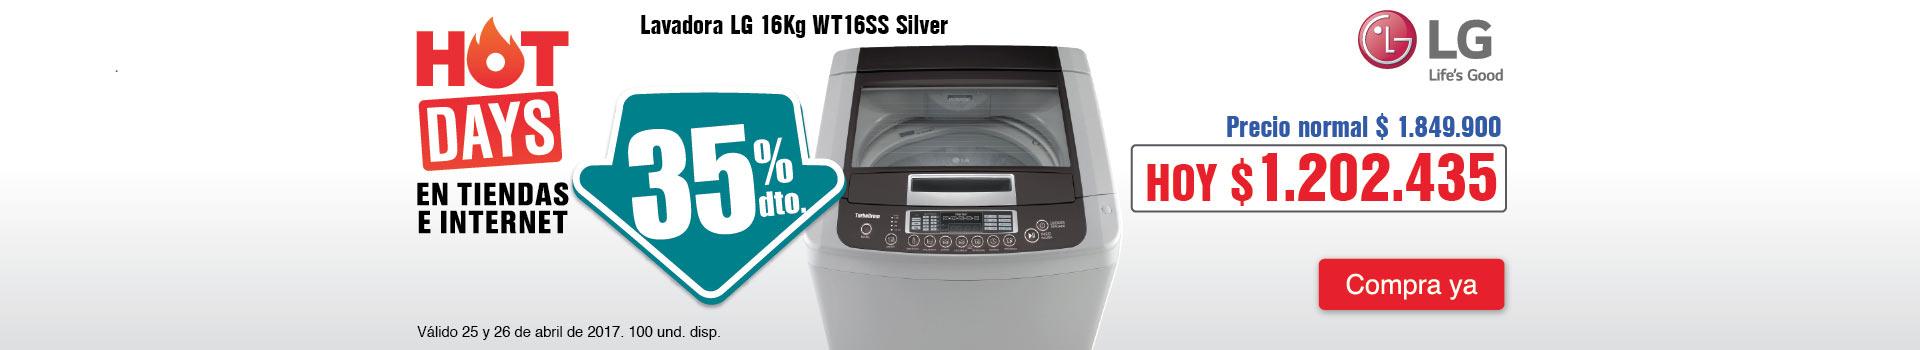 CAT ELECT  - abril 25 - HOT SALE - Lavadora LG 16Kg WT16SS Silver